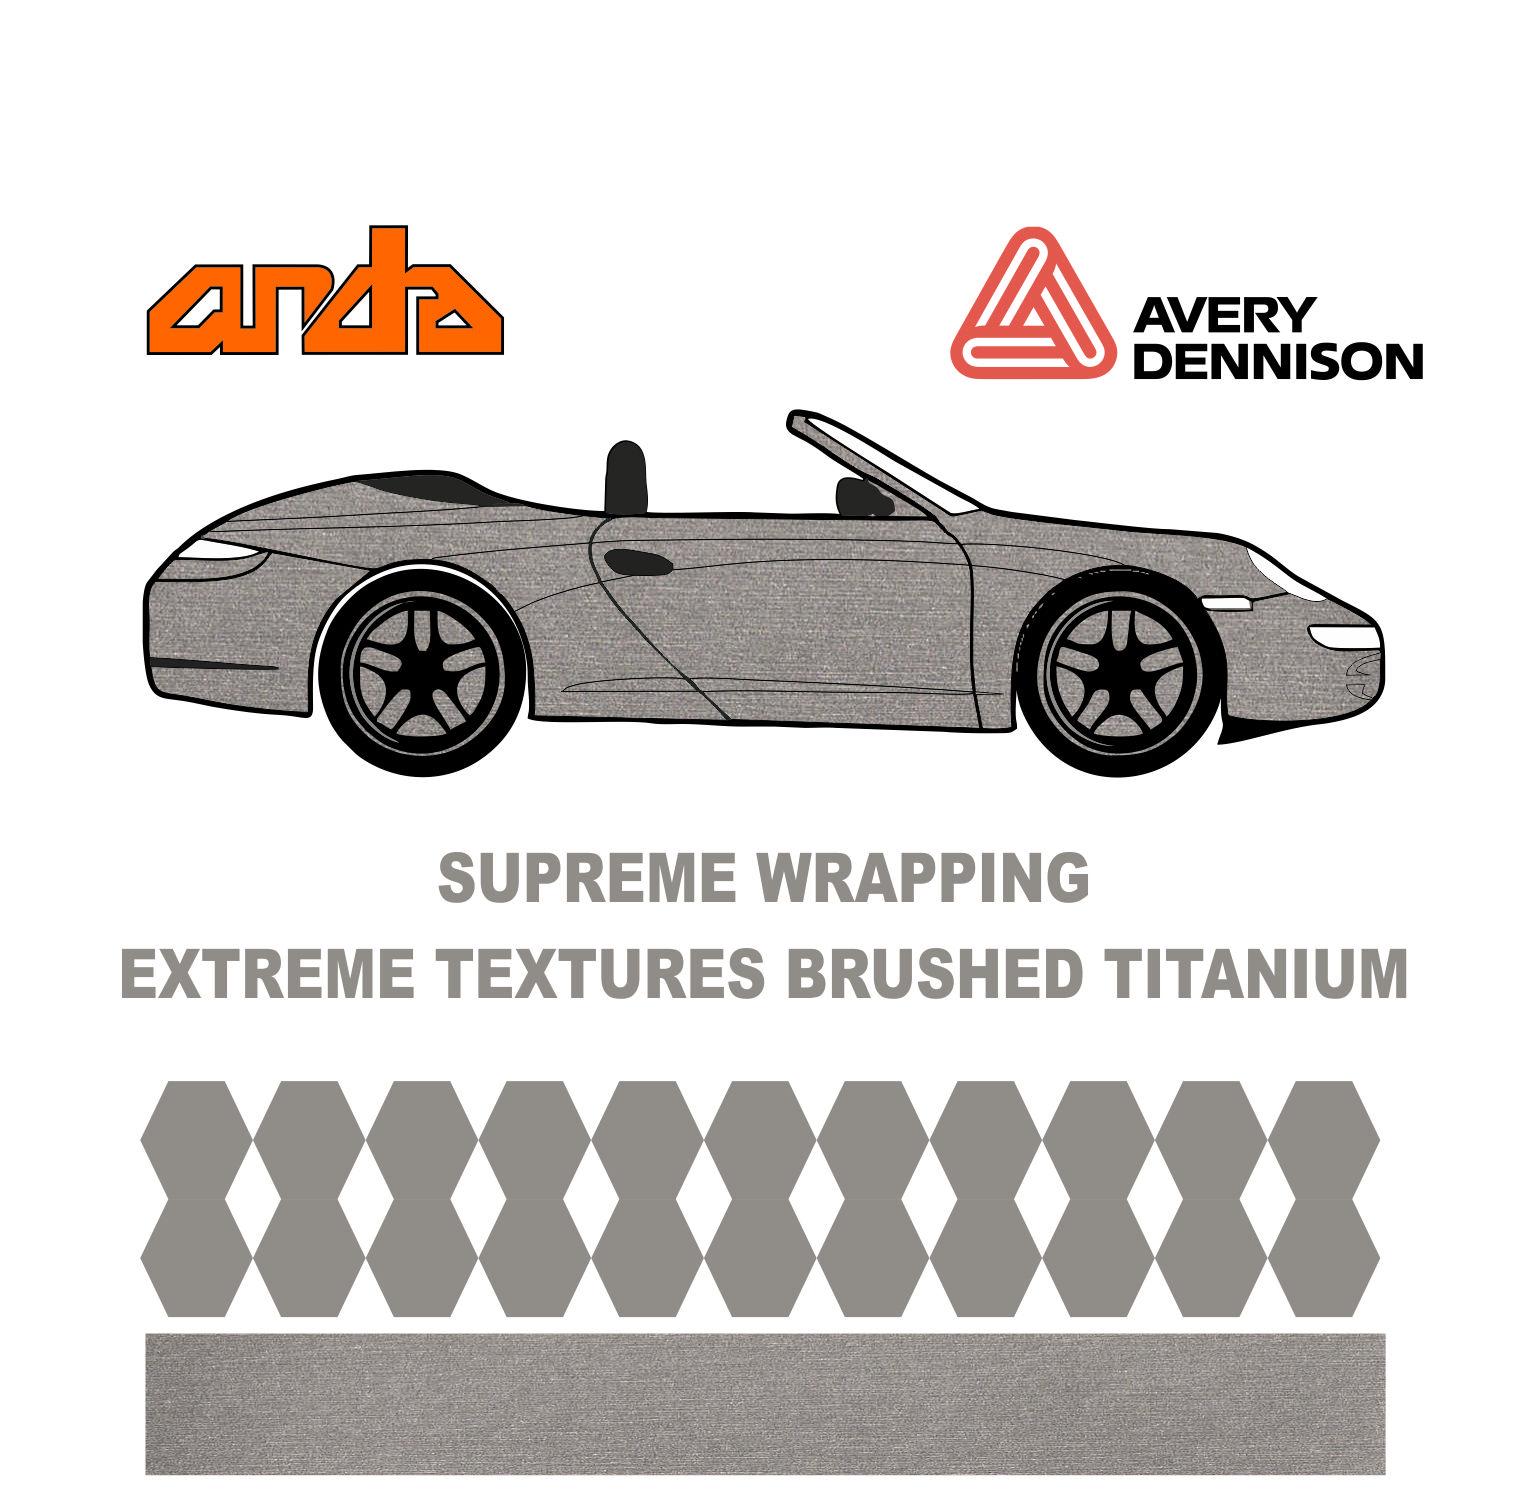 Avery Dennison- SWF Extreme Textures Titanium 1